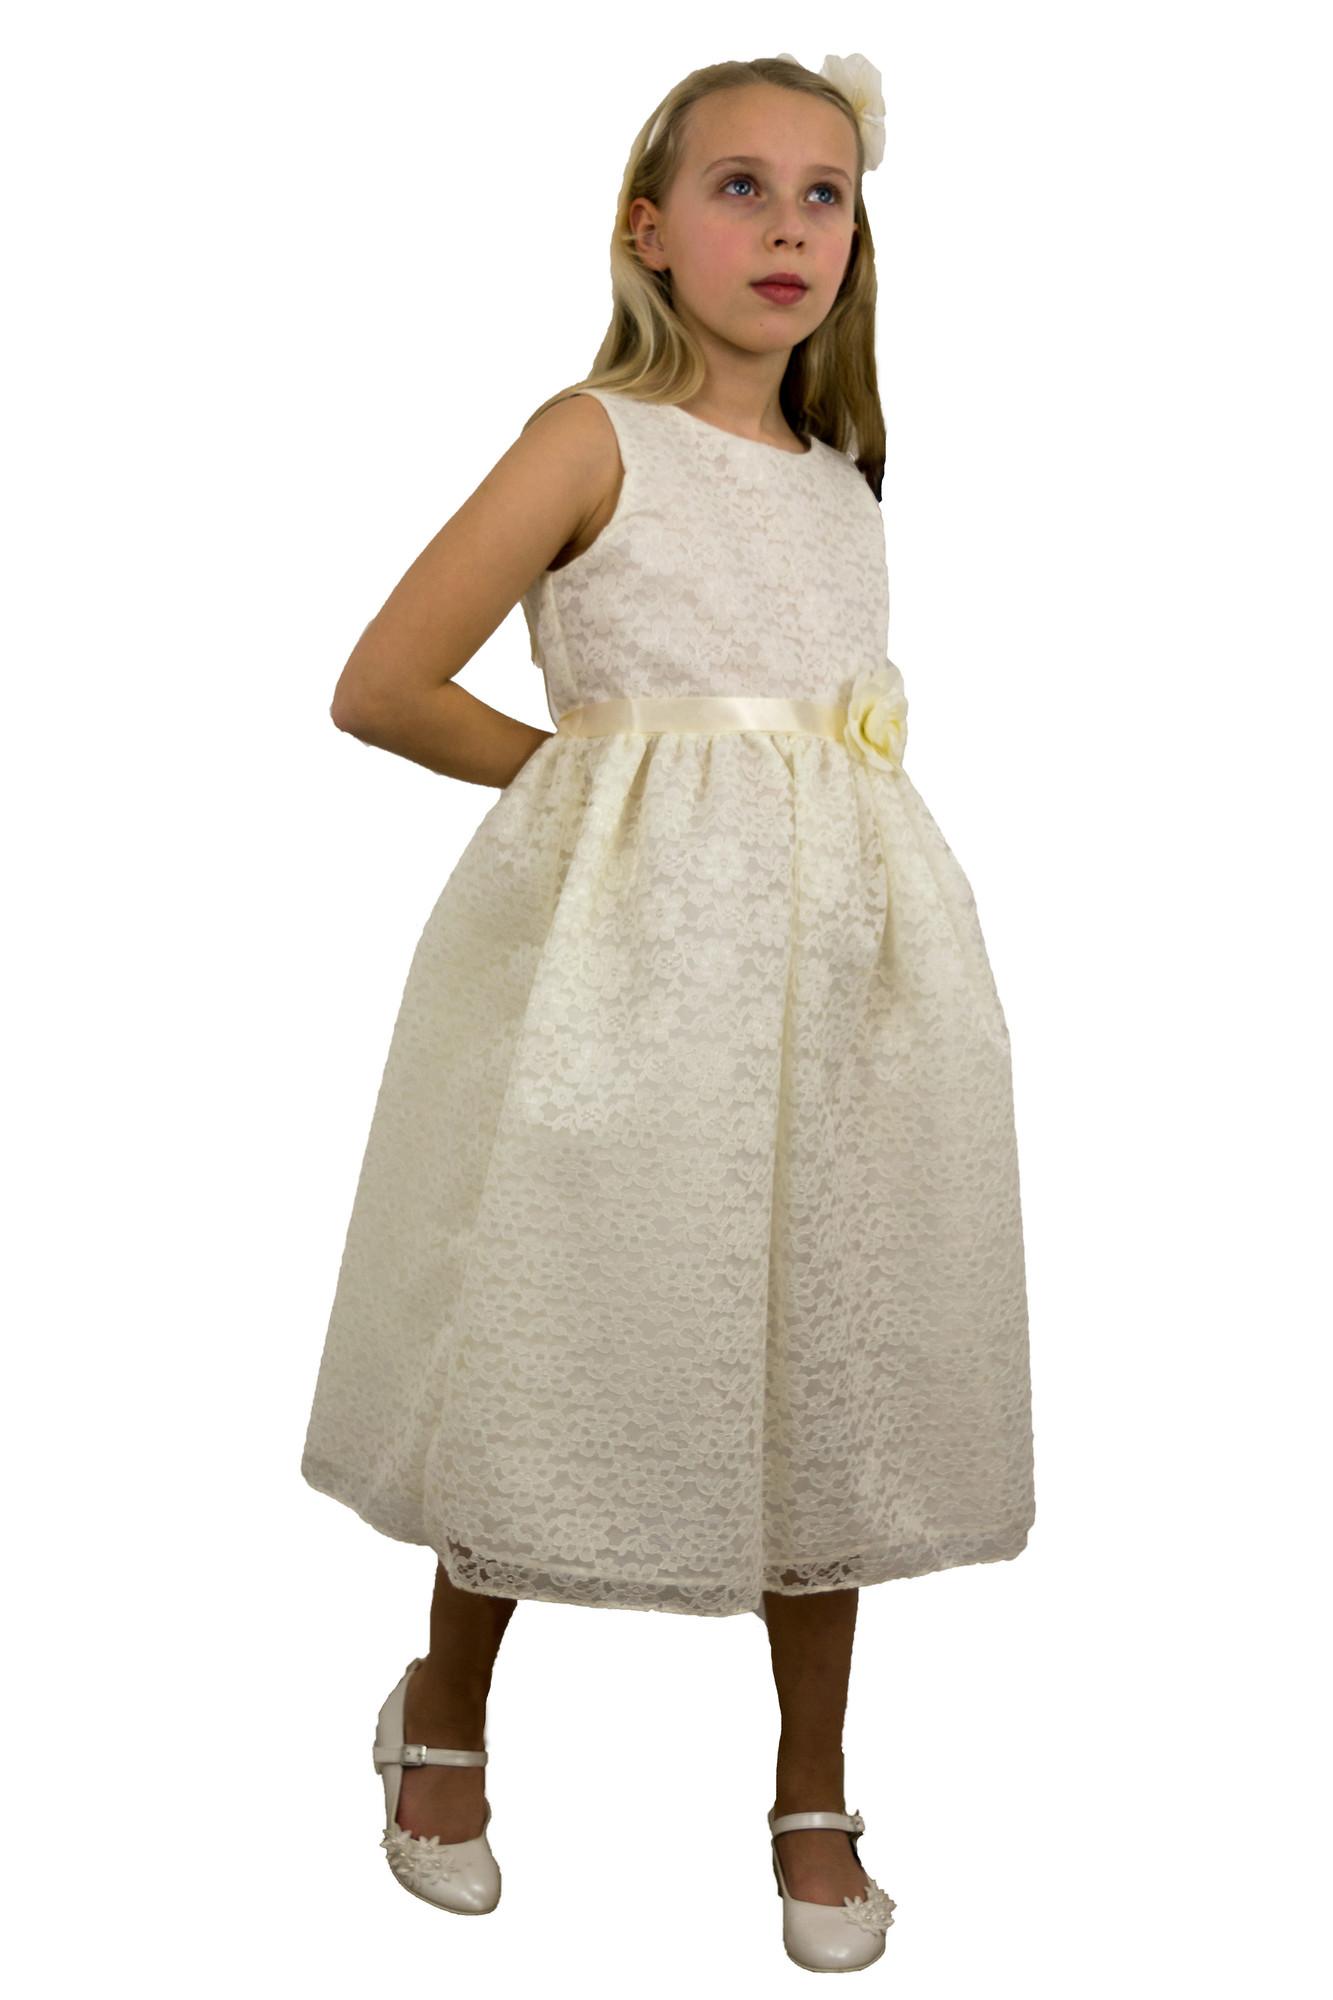 BIMARO Spitzenkleid Nelly creme beige Kommunionkleid kurz Spitze Blumenmuster Hochzeit Kommunion festlich 001